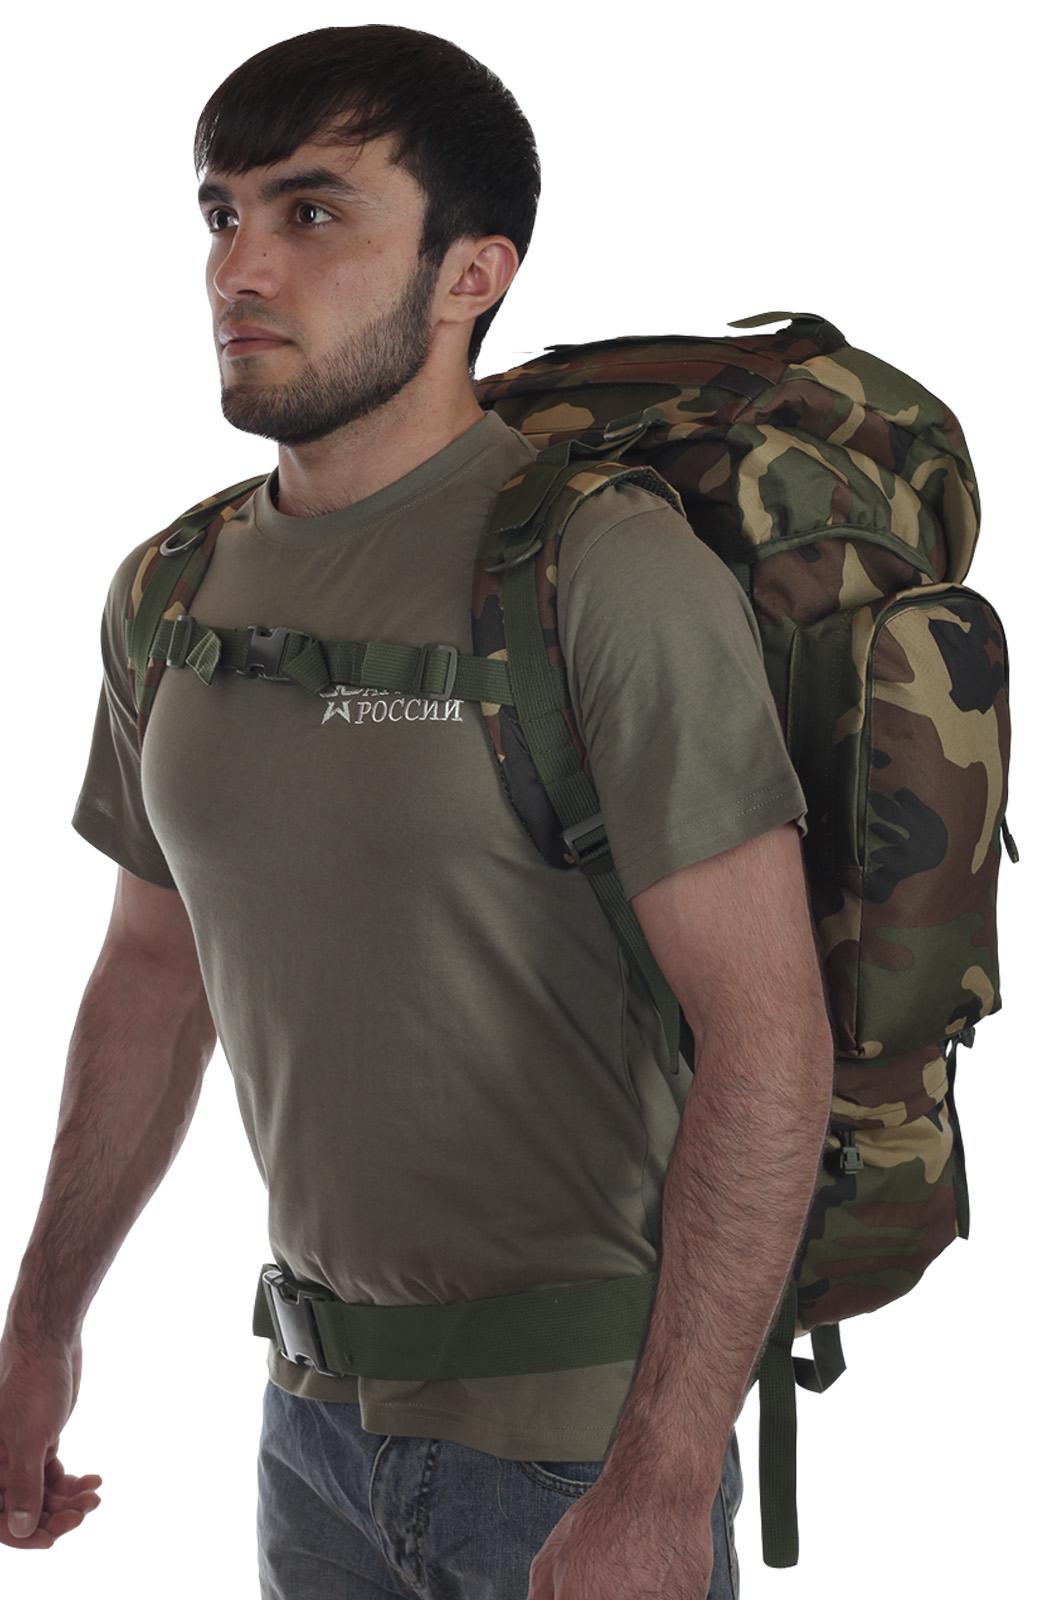 Практичный охотничий рюкзак CCE Лучший Охотник - купить выгодно